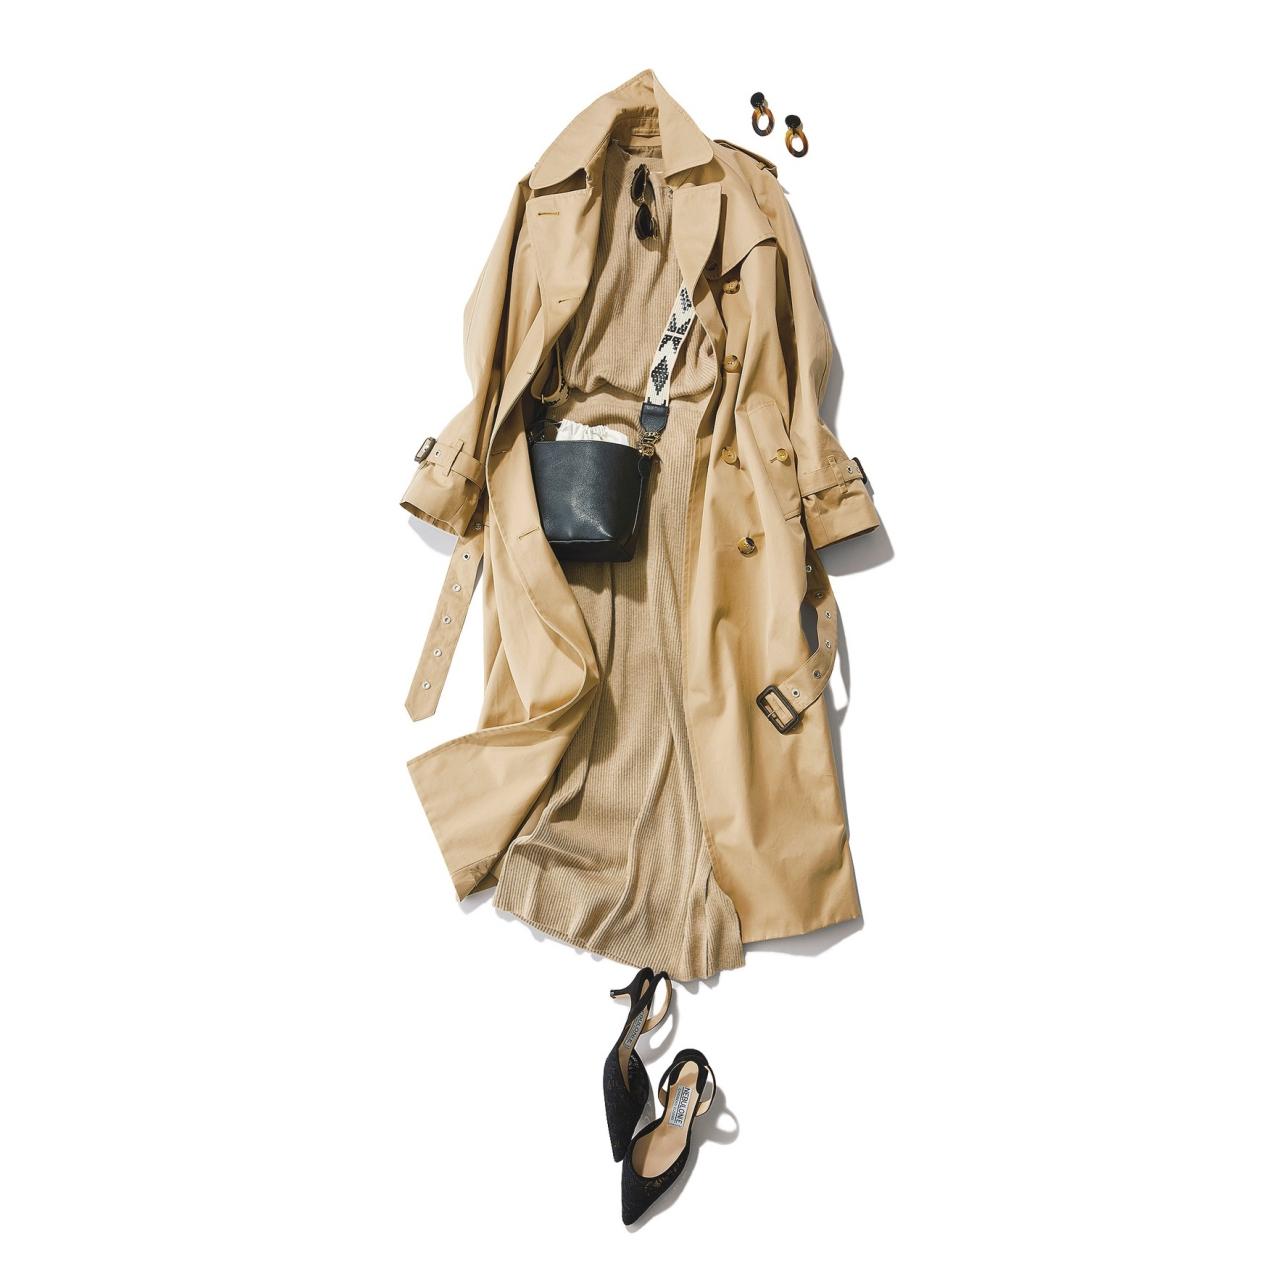 ベージュのトレンチコート×リブニットのセットアップのファッションコーデ